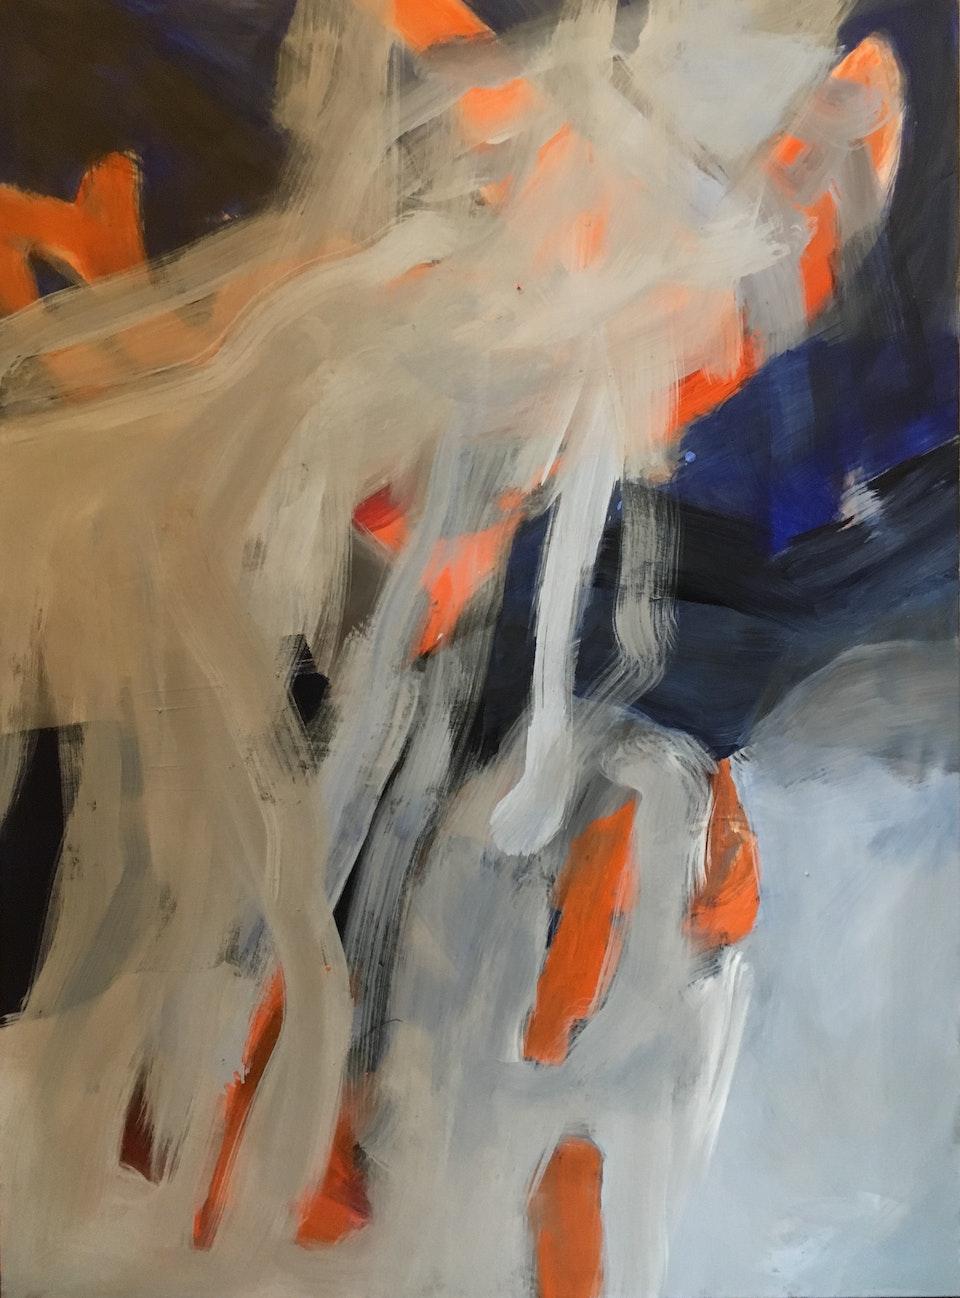 Maleri 6 - 130 x 97 cm Tivoli 2018